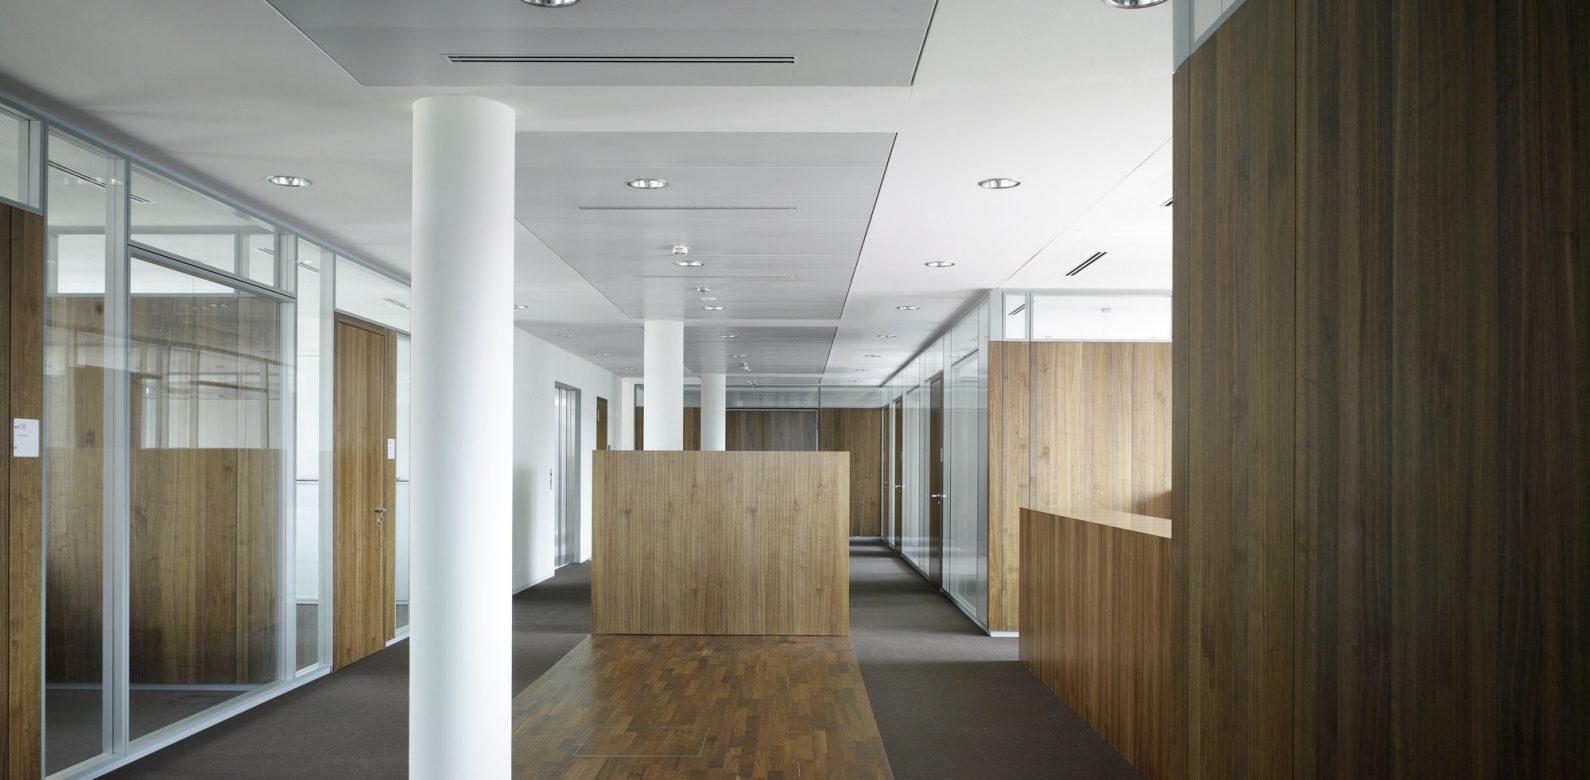 Heupel architekten psd bank westfalen lippe m nster - Heupel architekten ...